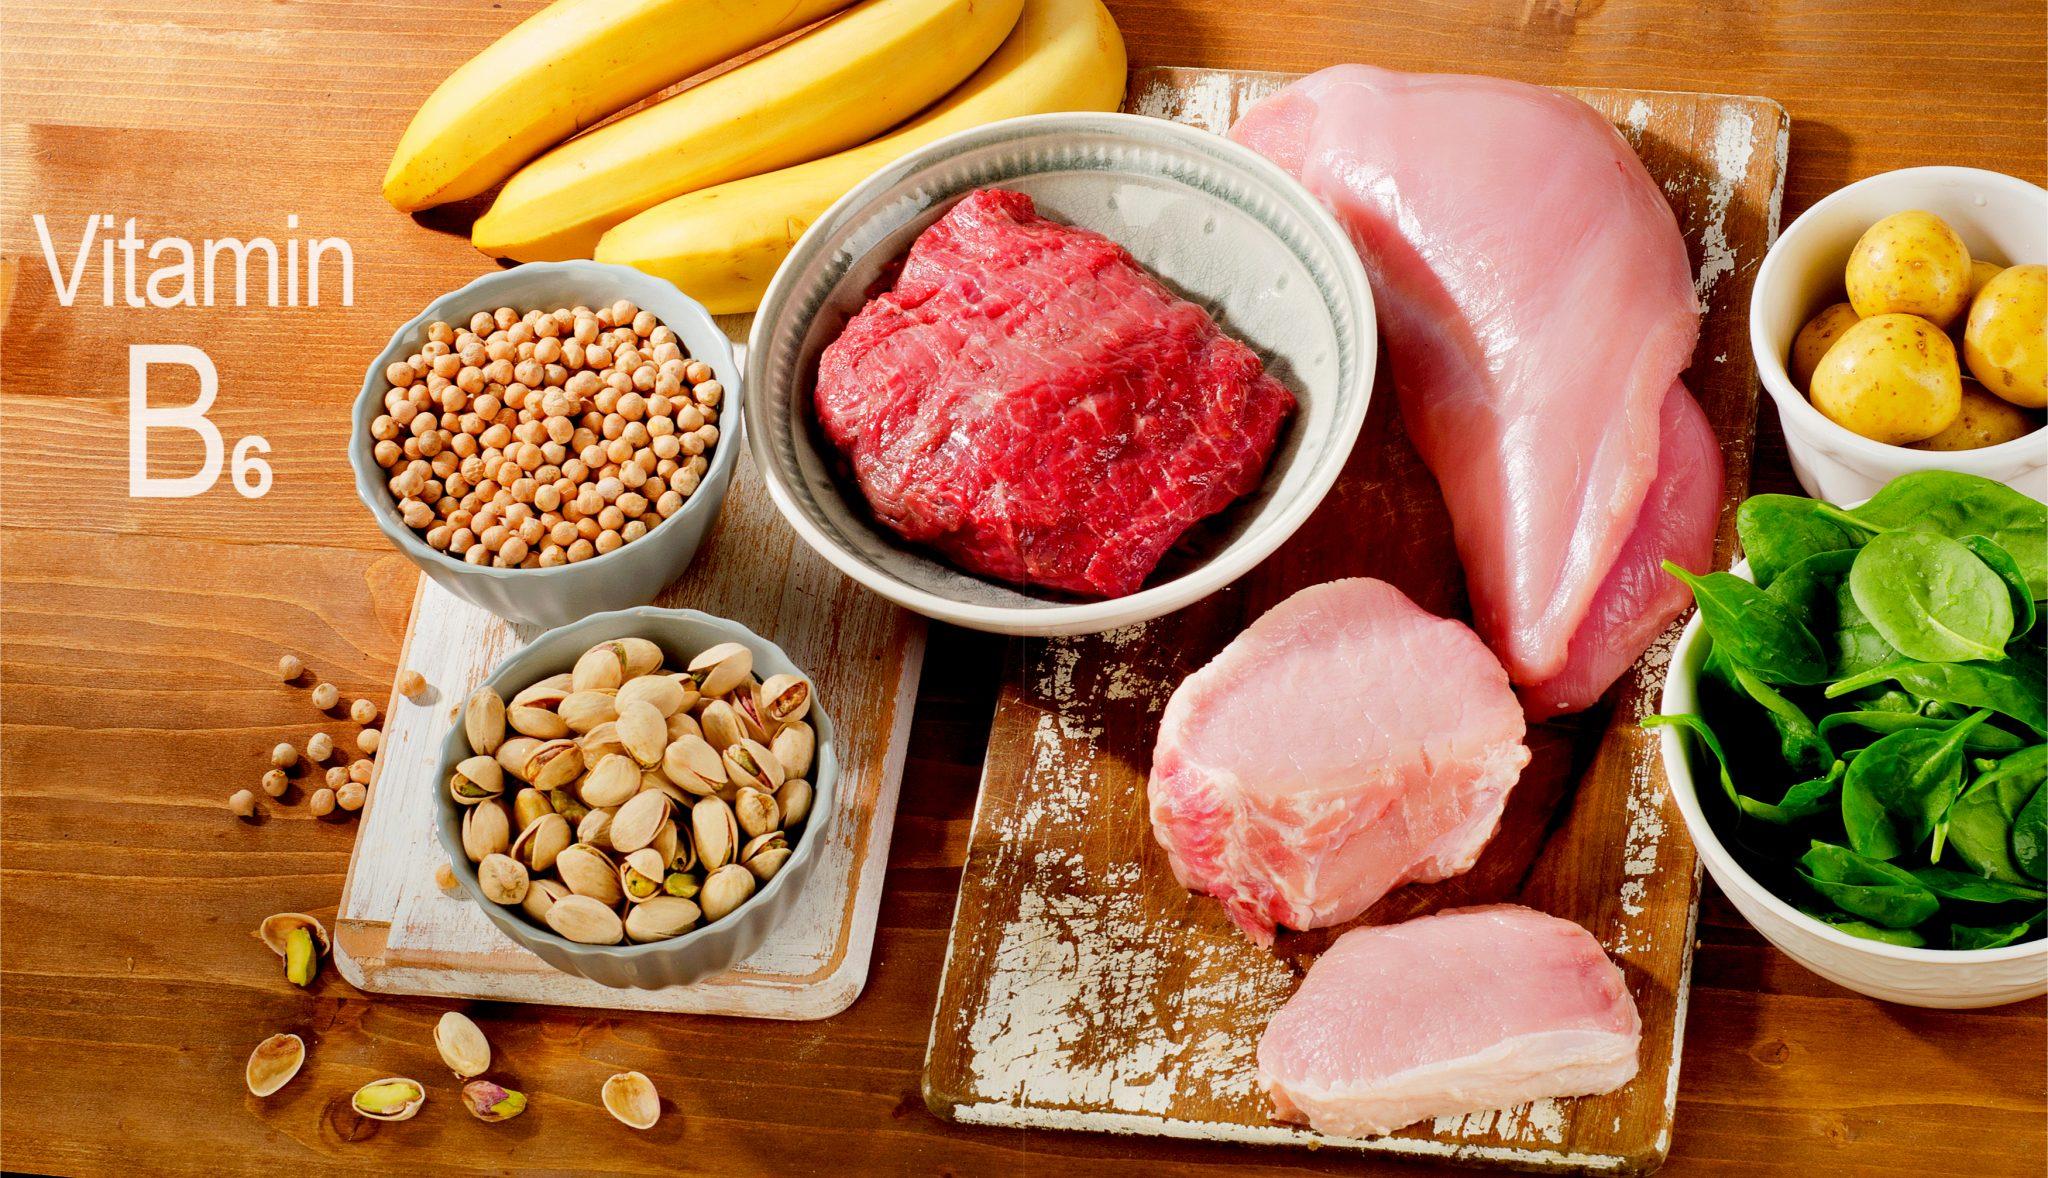 ビタミン b6 食べ物 ビタミンB6を多く含む食べ物・食品と効果効能